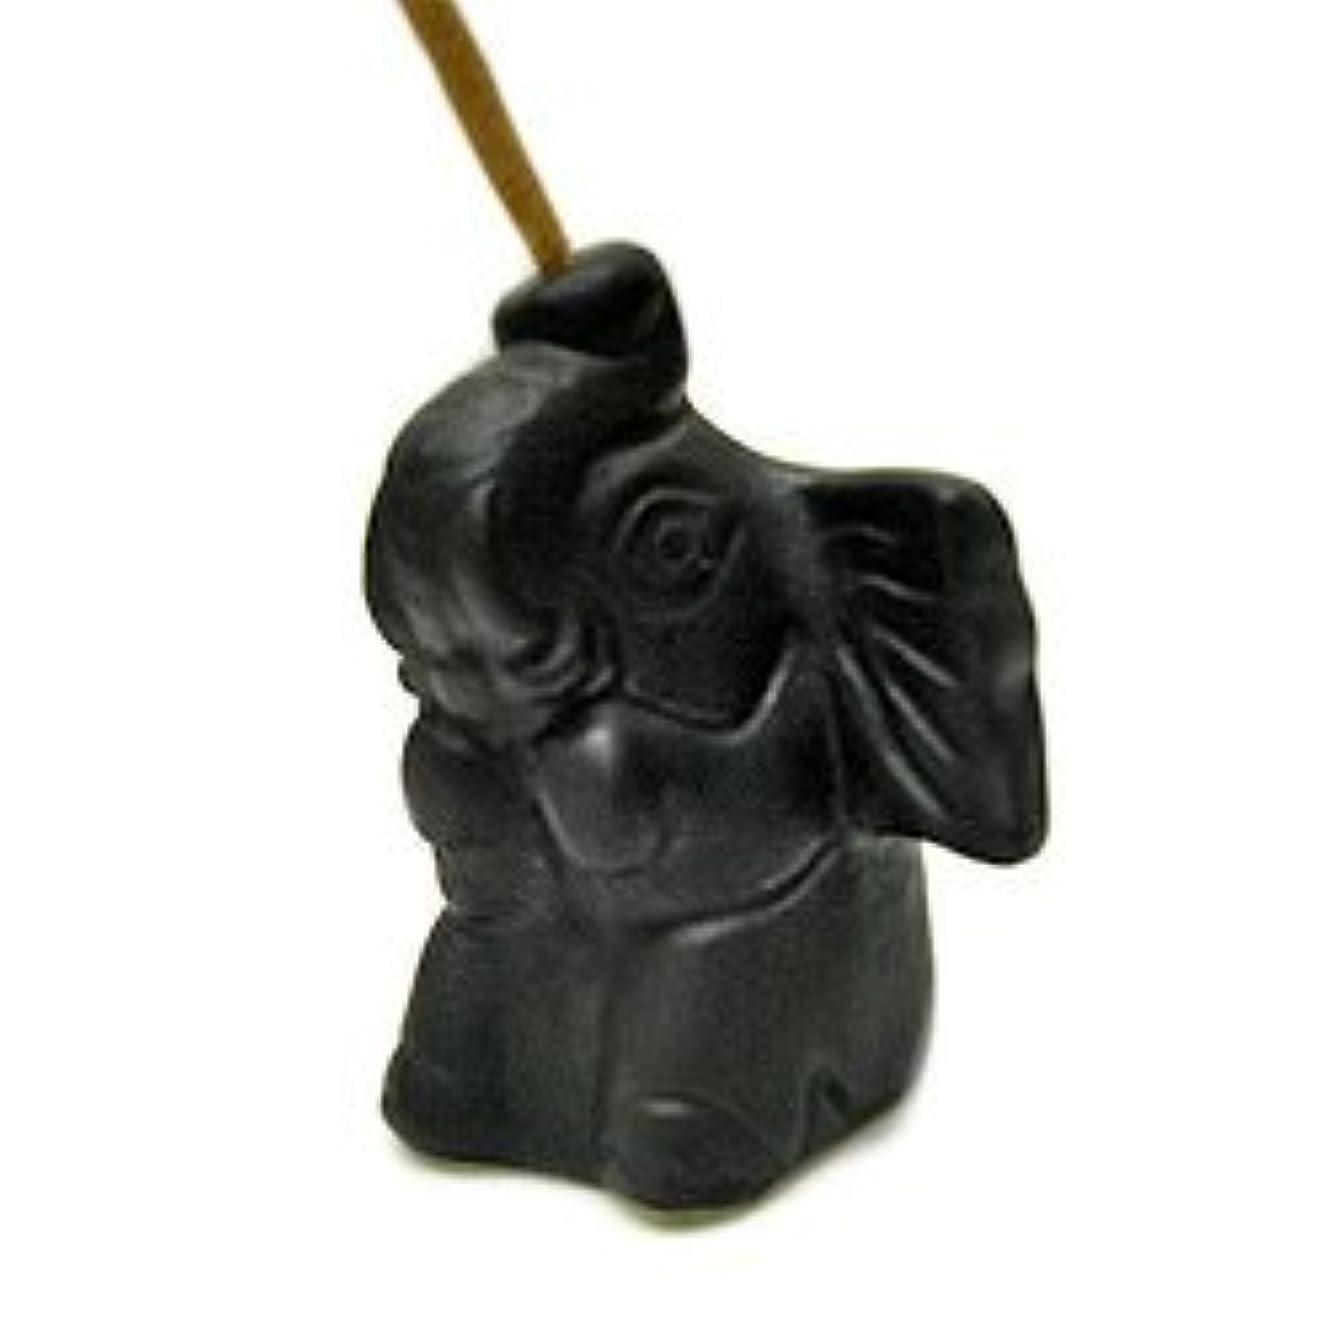 よく話される溶融低い象さんのお香立て <黒> インセンスホルダー/スティックタイプ用お香立て?お香たて アジアン雑貨